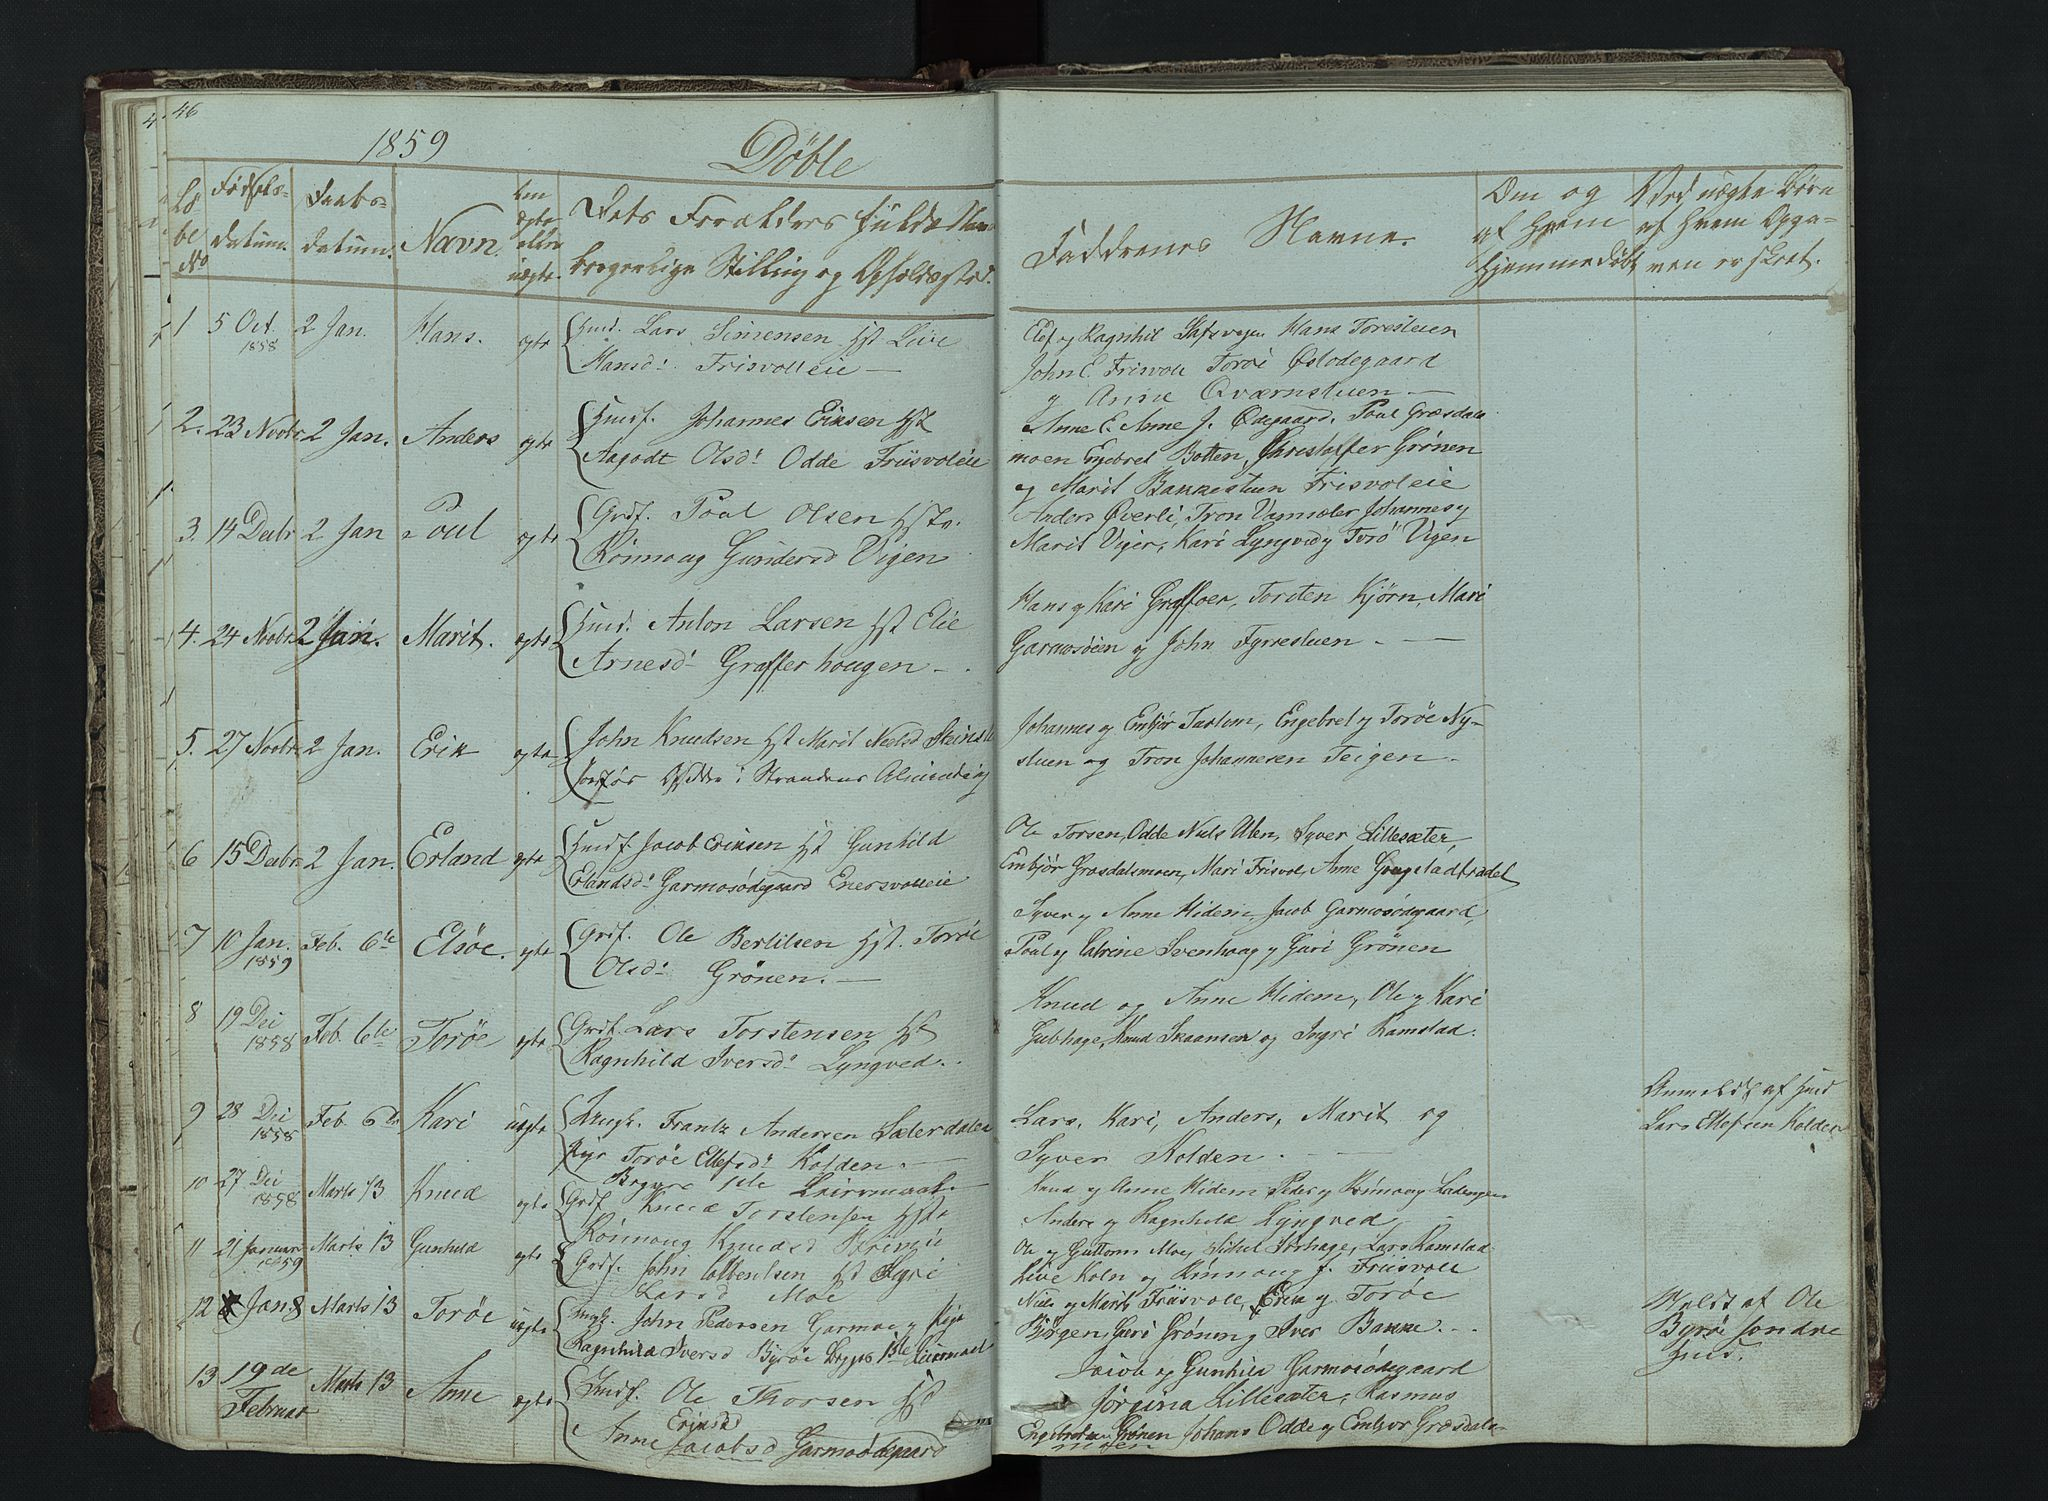 SAH, Lom prestekontor, L/L0014: Klokkerbok nr. 14, 1845-1876, s. 46-47